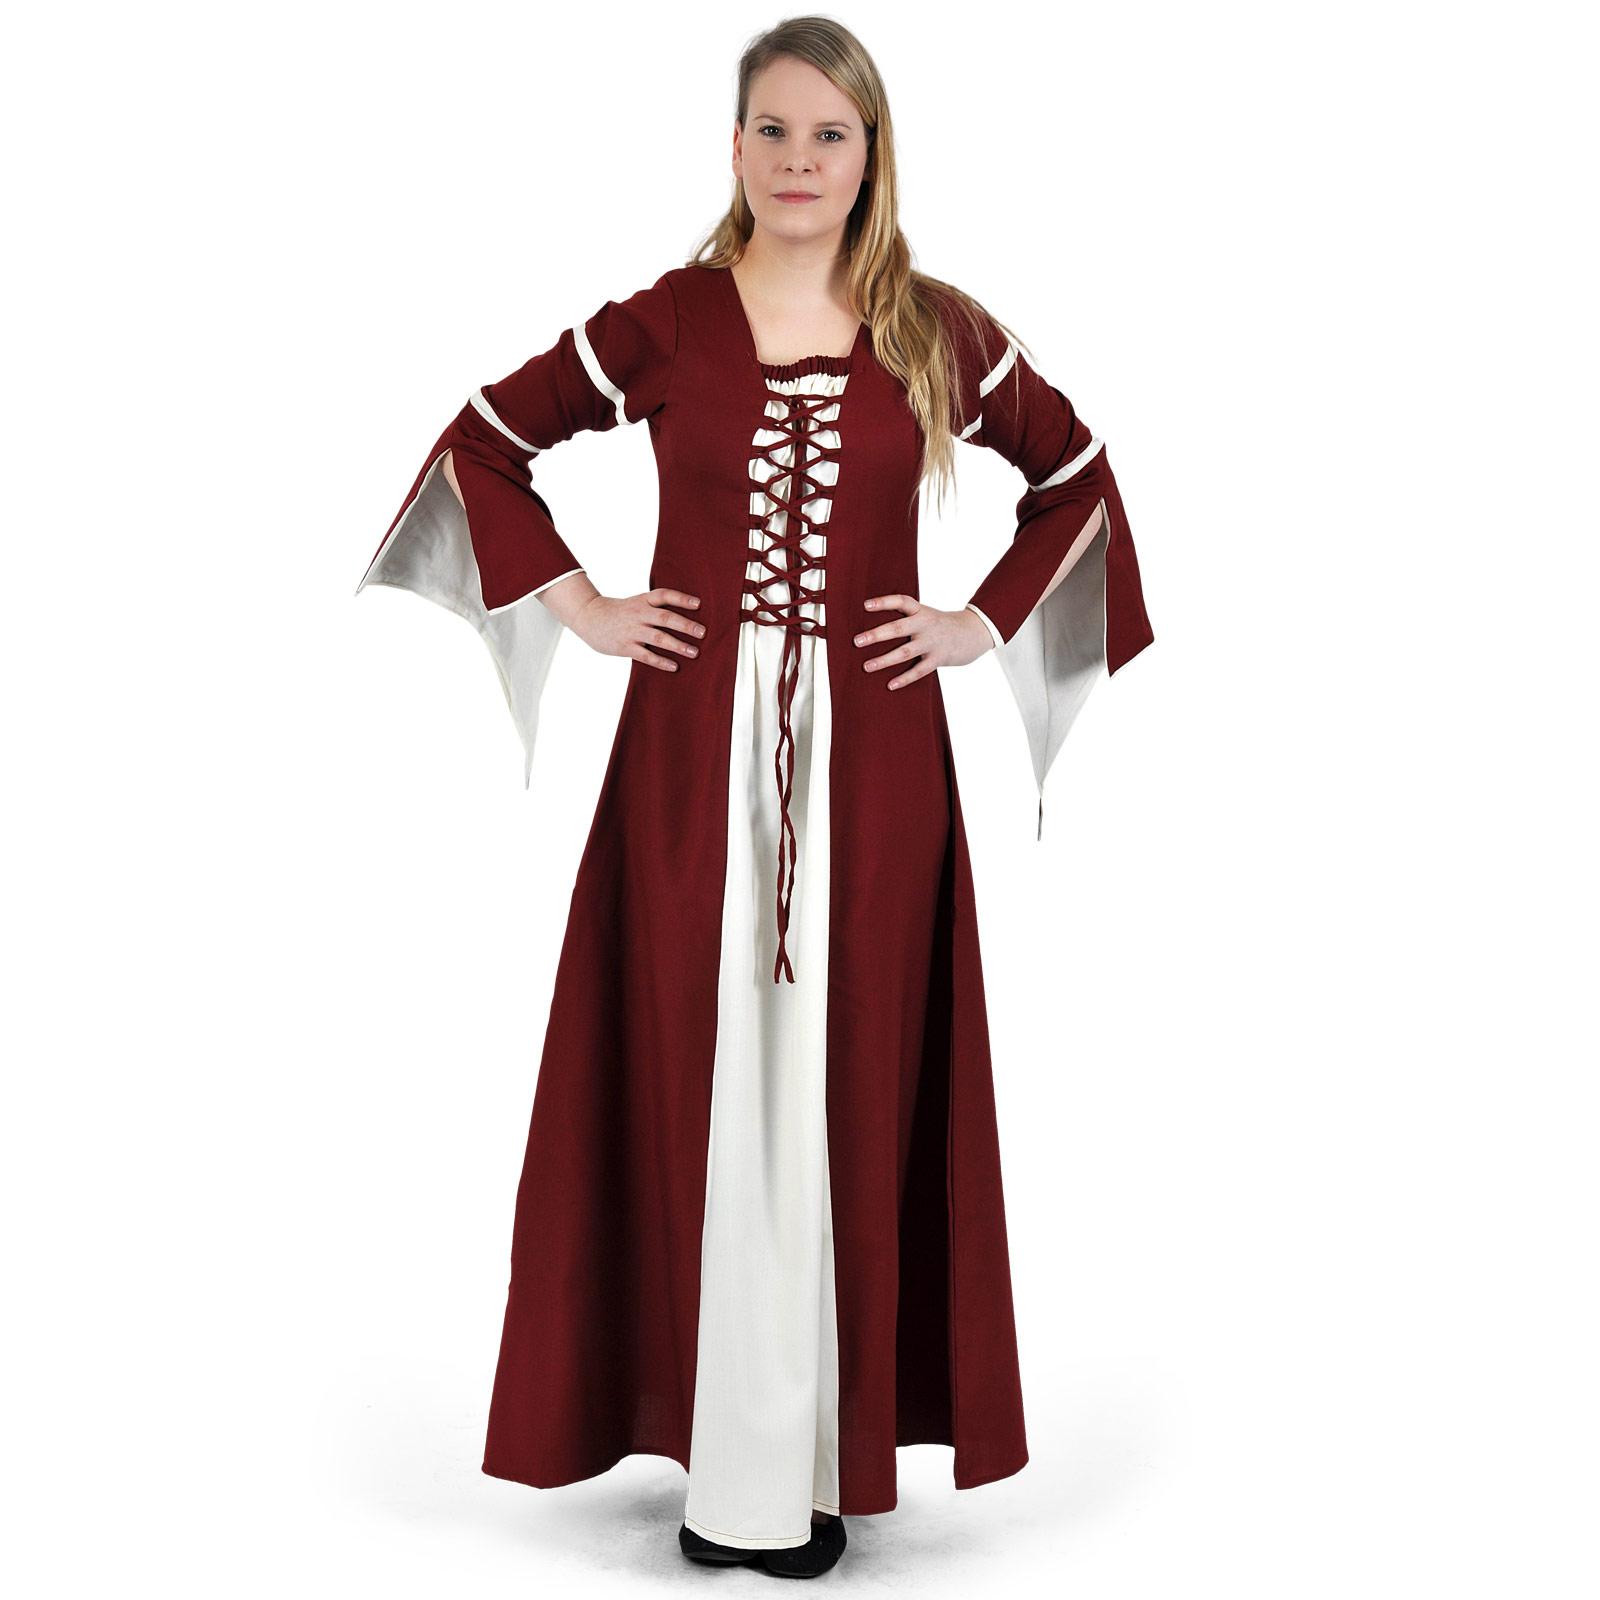 Mittelalter Kleid Katherina rot-natur